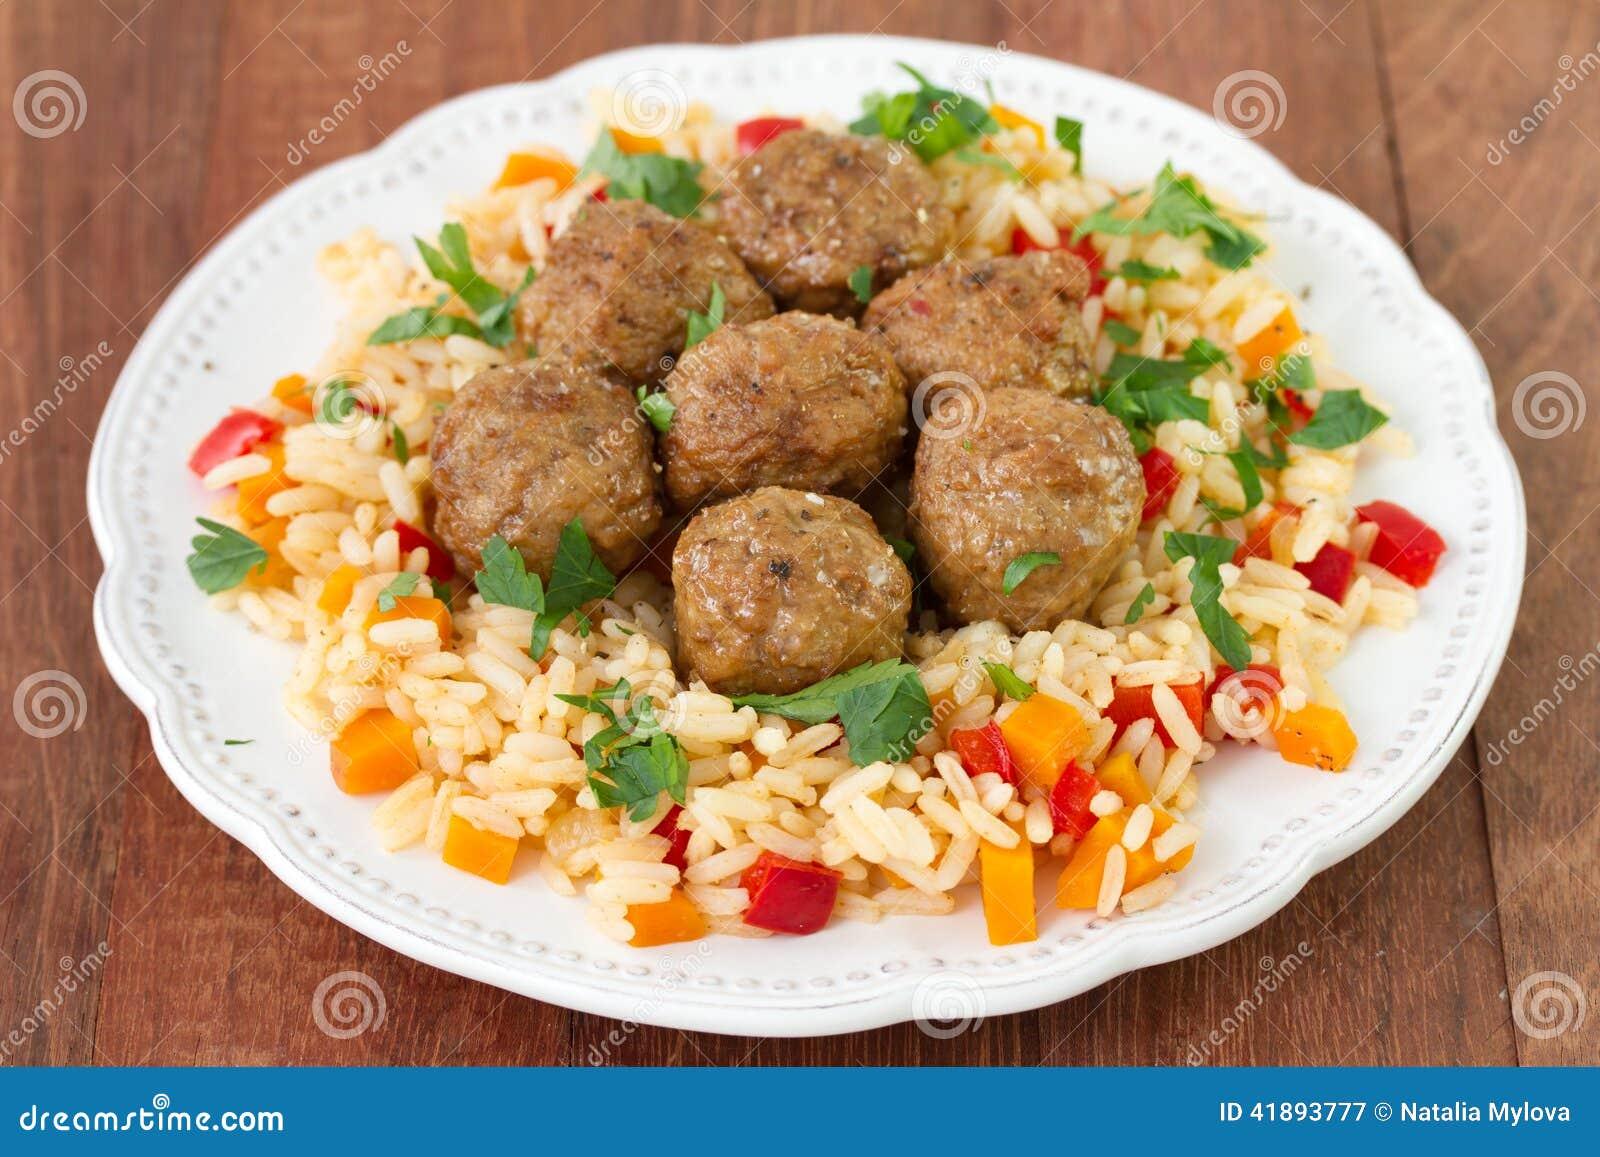 Alb ndigas con arroz con las verduras foto de archivo - Albondigas con verduras ...